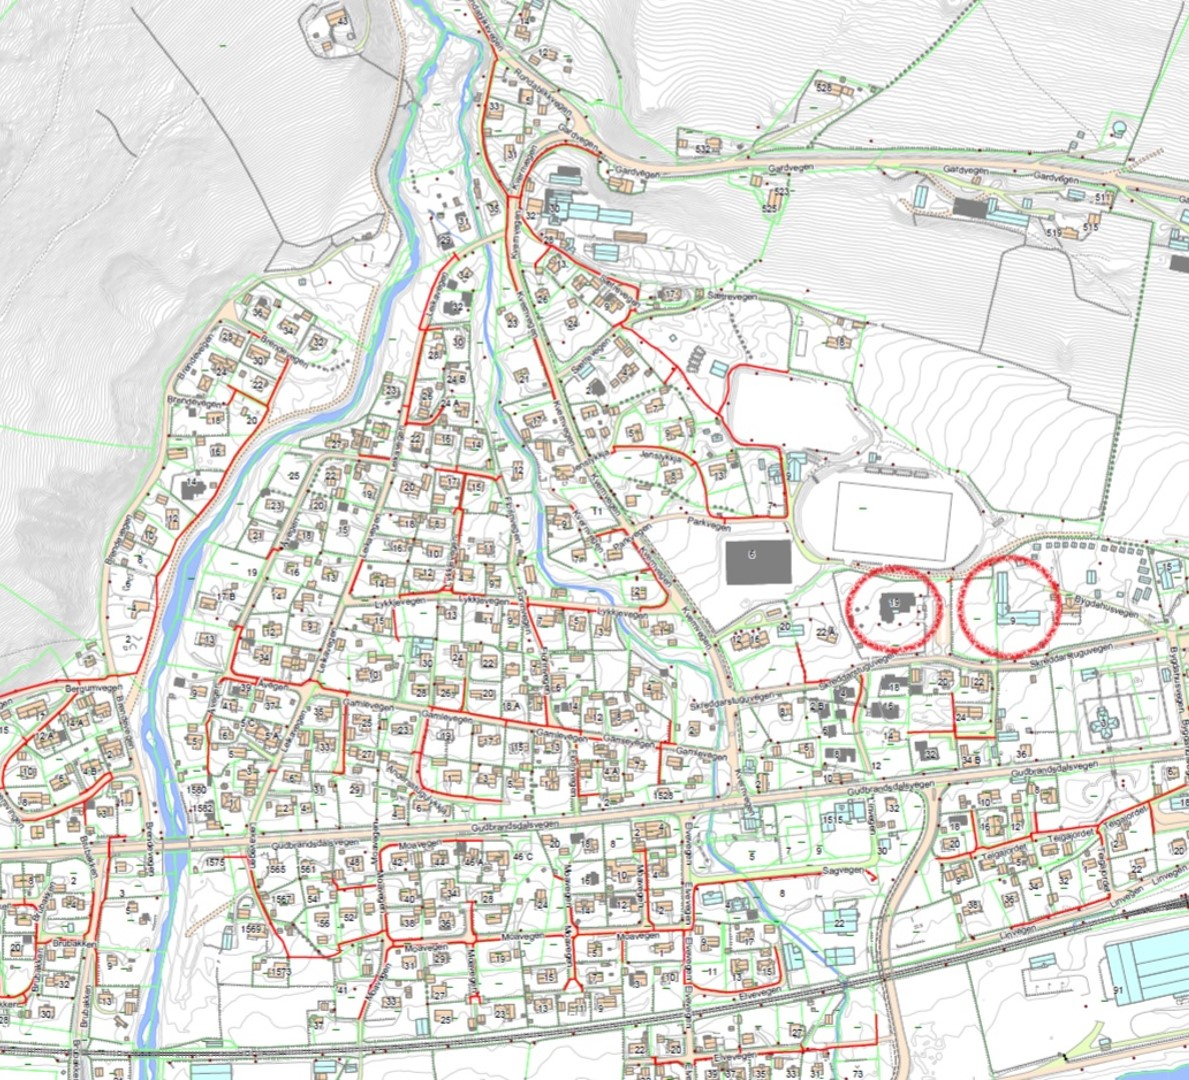 Oversikt over Kvam sentrum, gater hvor det skal legges fiber er markert med rød strek. Barnehage og skole er markert med rød sirkel.